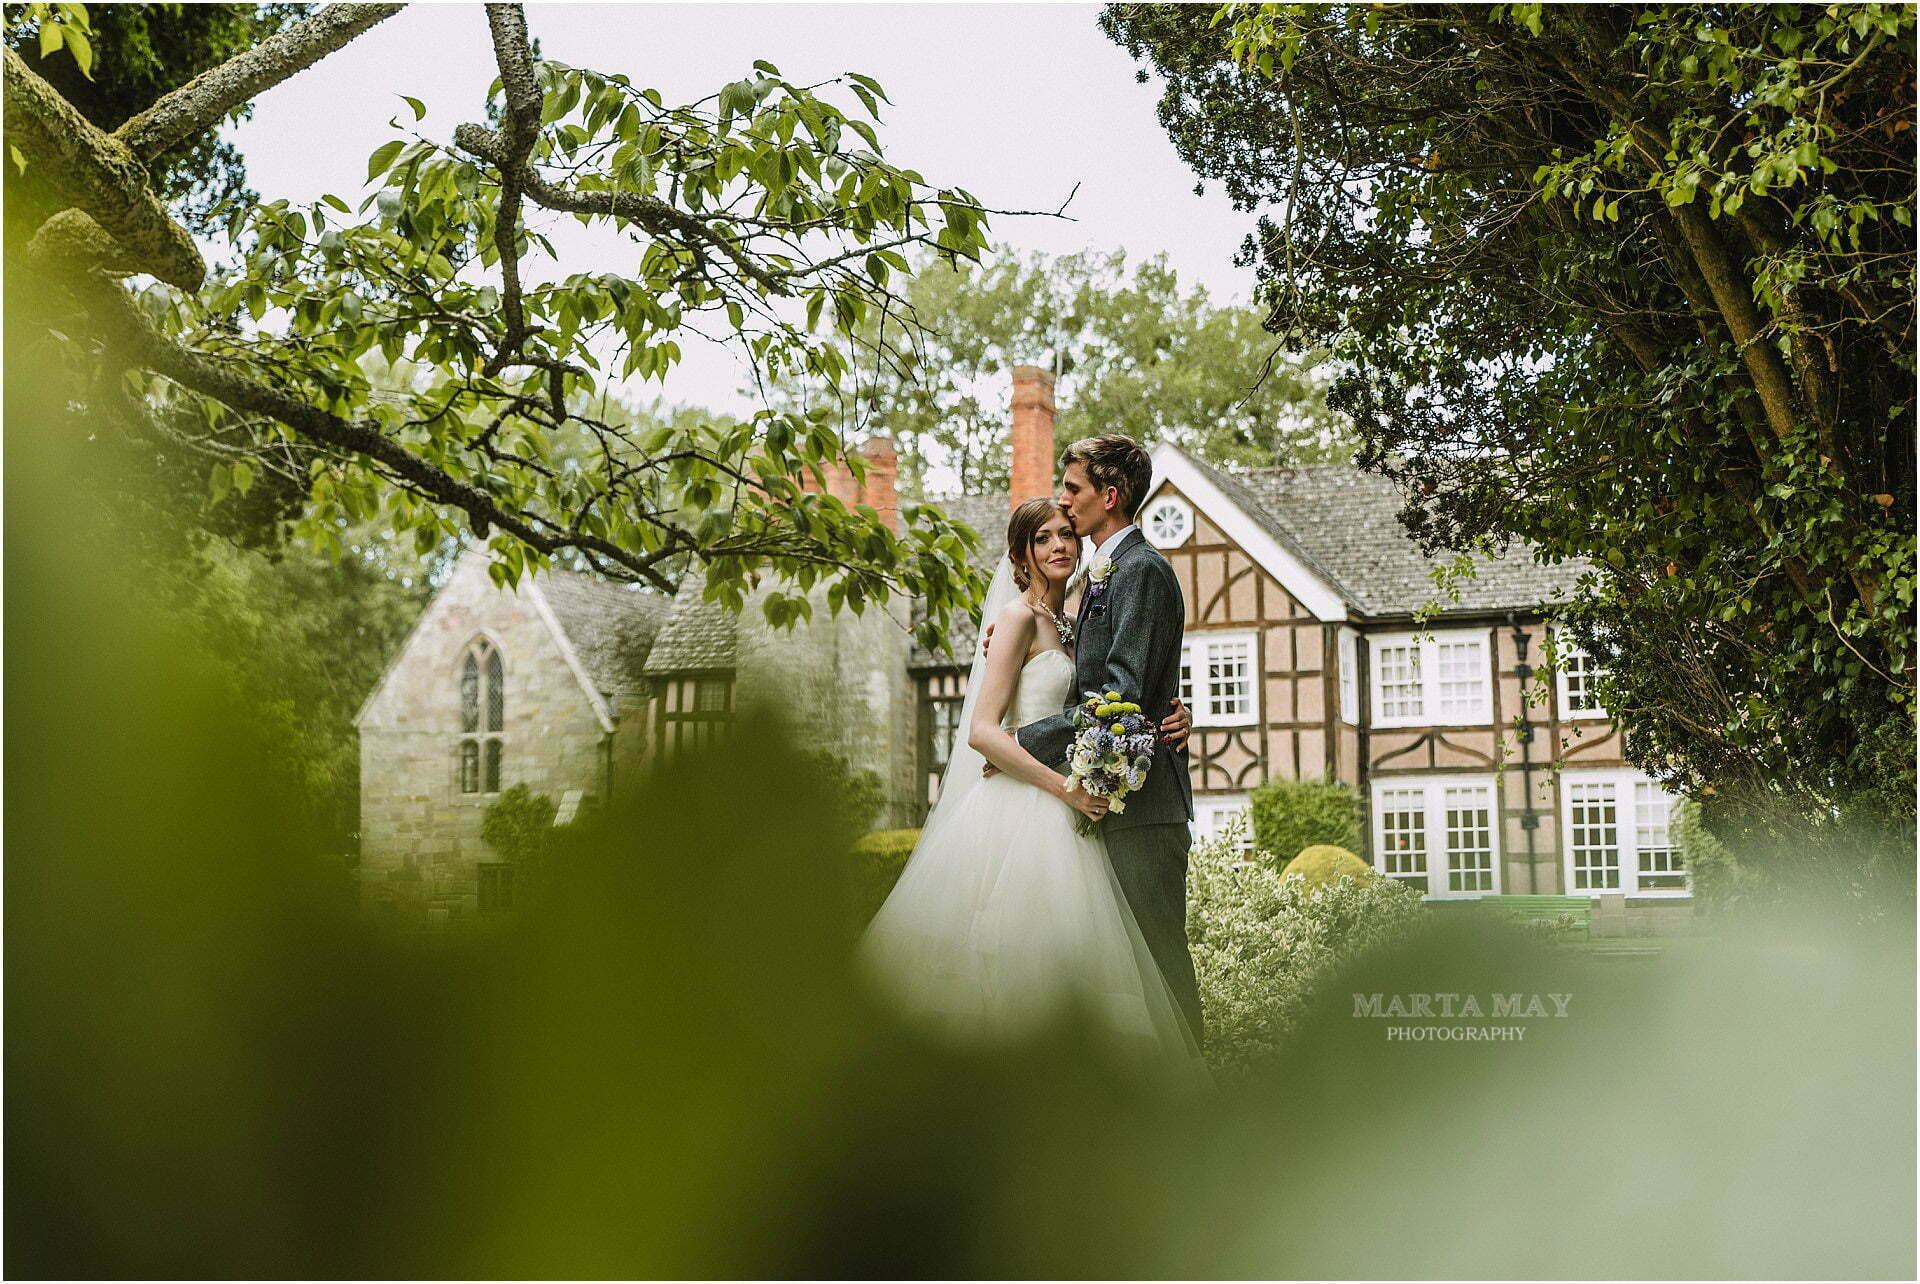 Brinsop Court Hereford wedding photographer